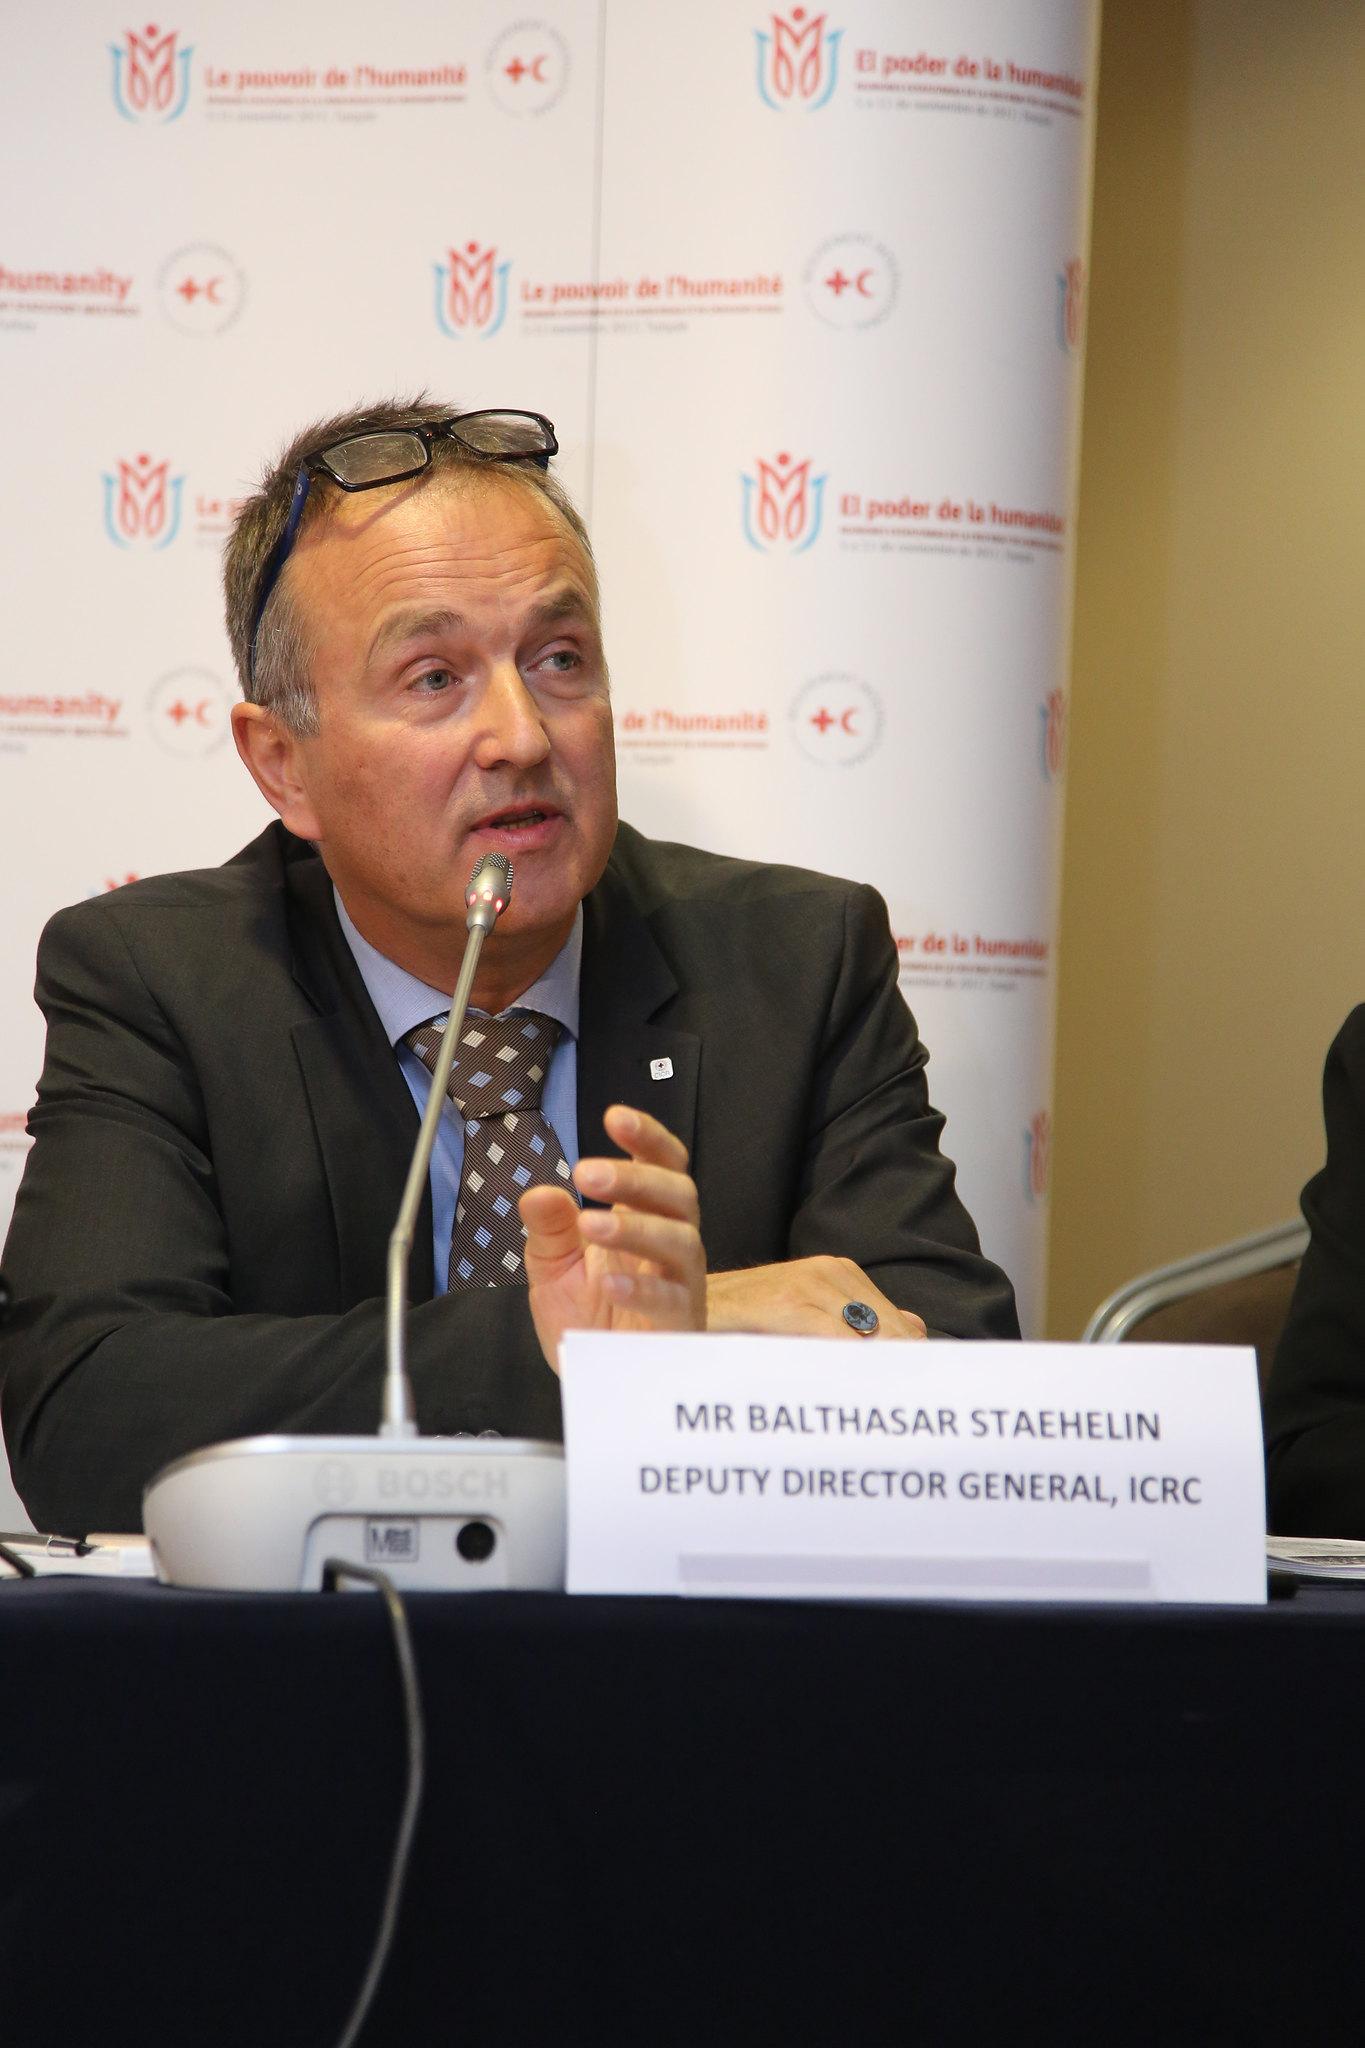 ICRC Genel Sekreter Müdür Yardımcısı Balthasar Staehel